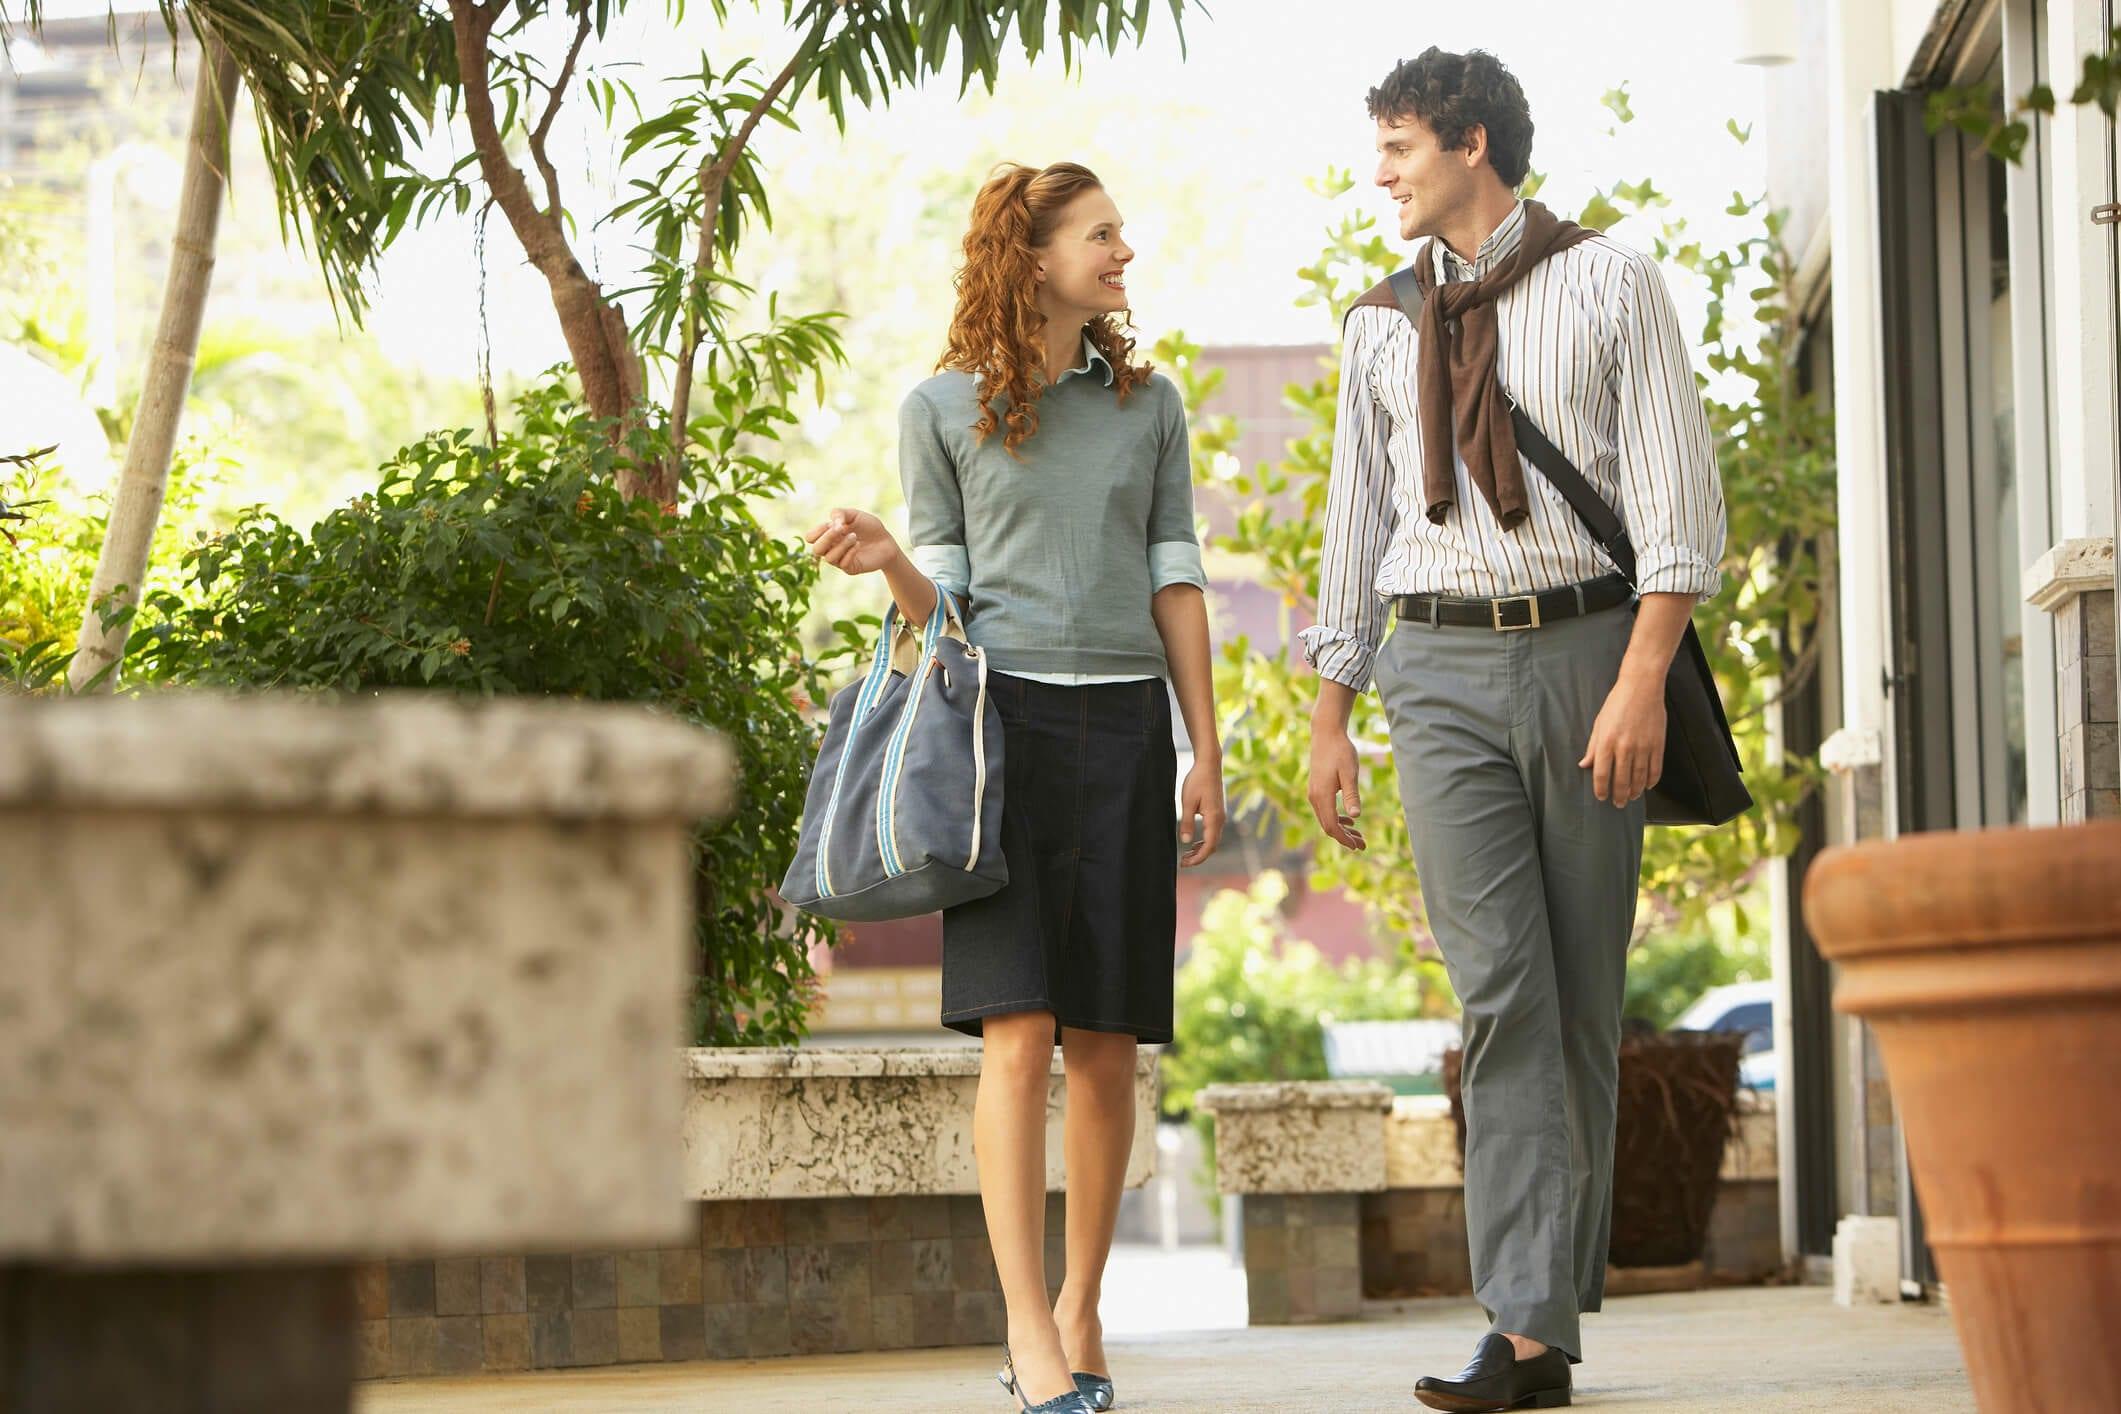 Happy Business People Walking On Sidewalk.